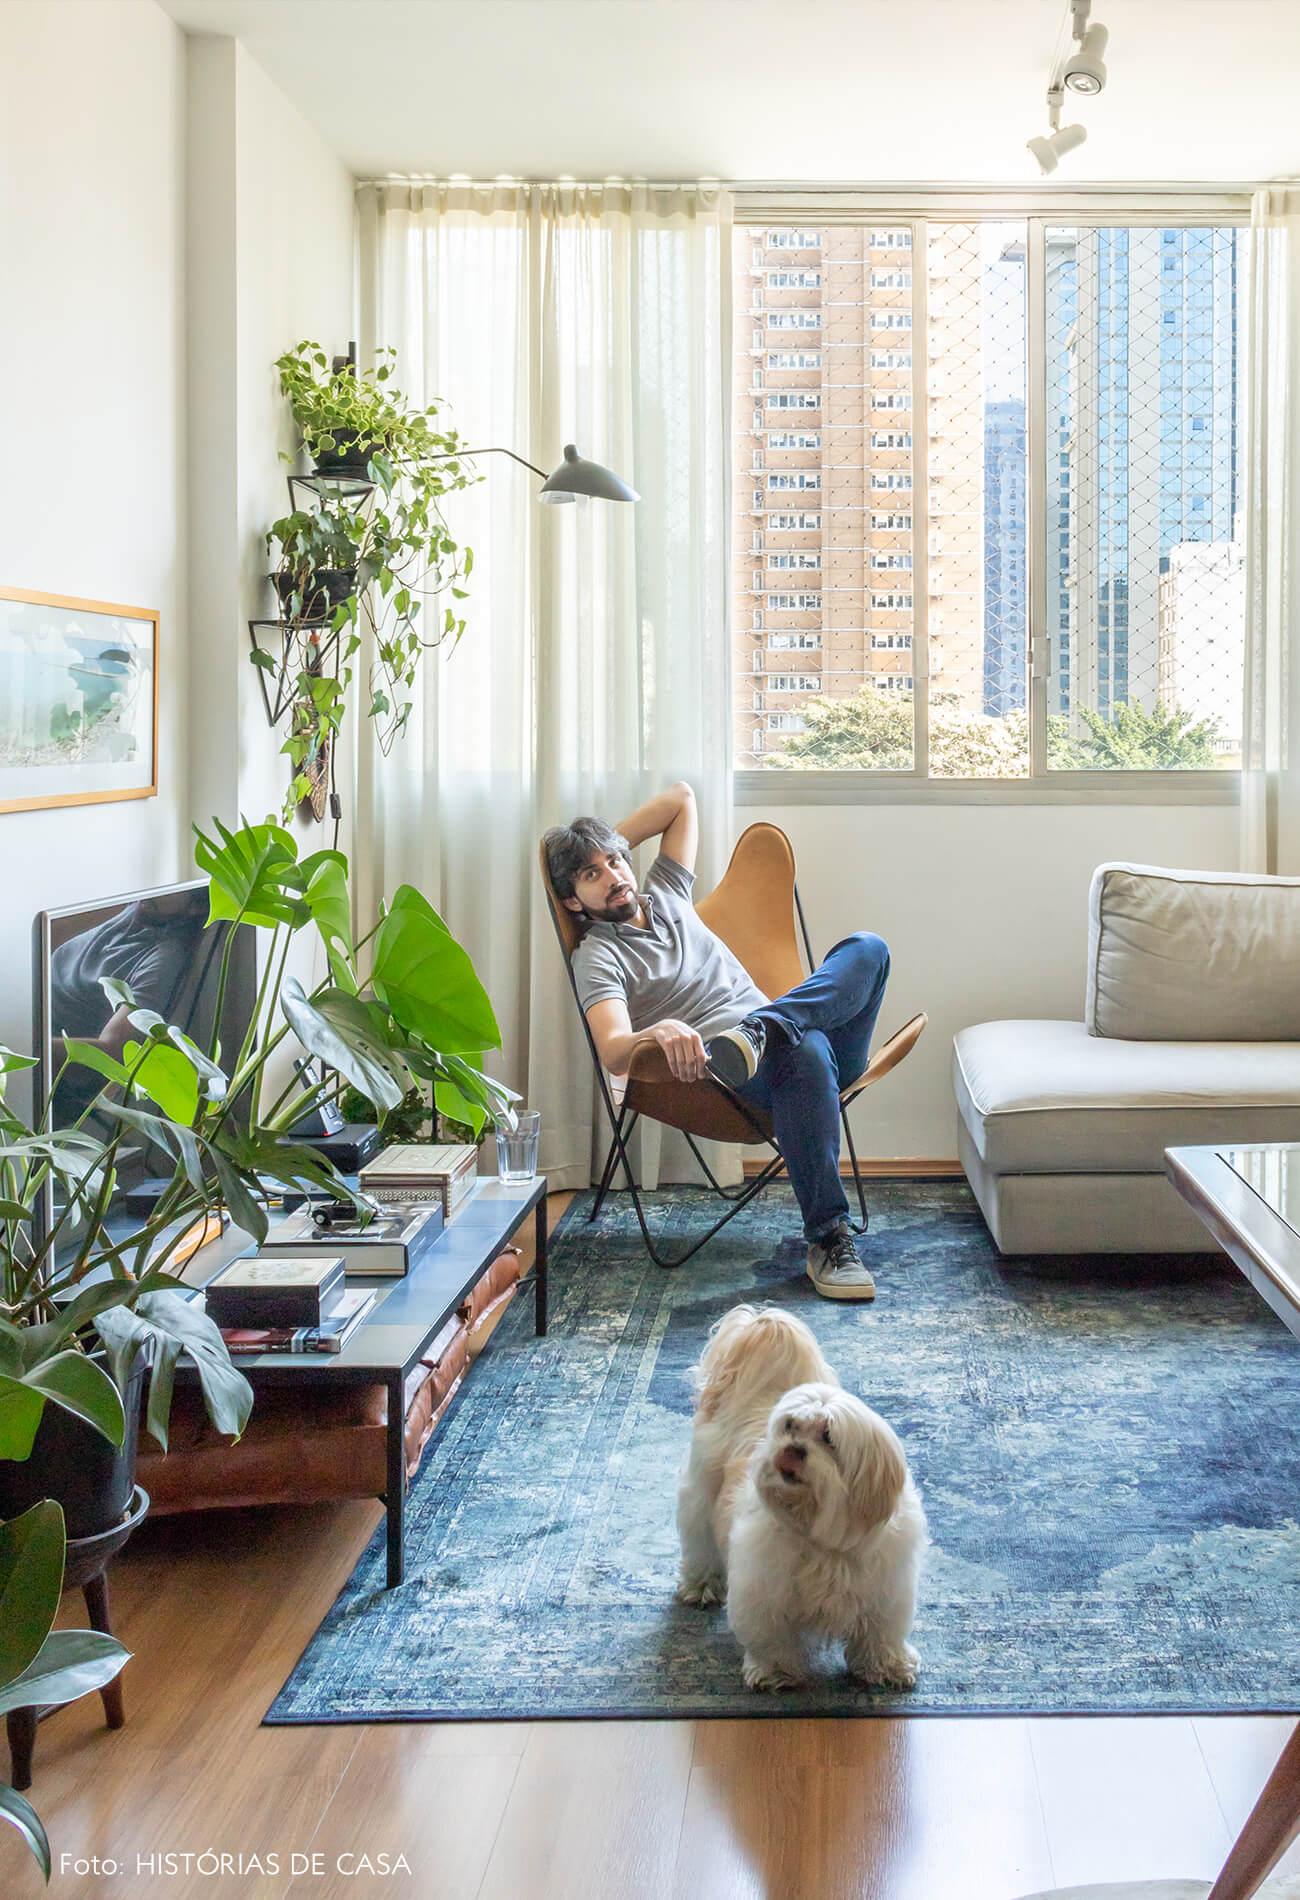 sala decoração plantas tapete azul